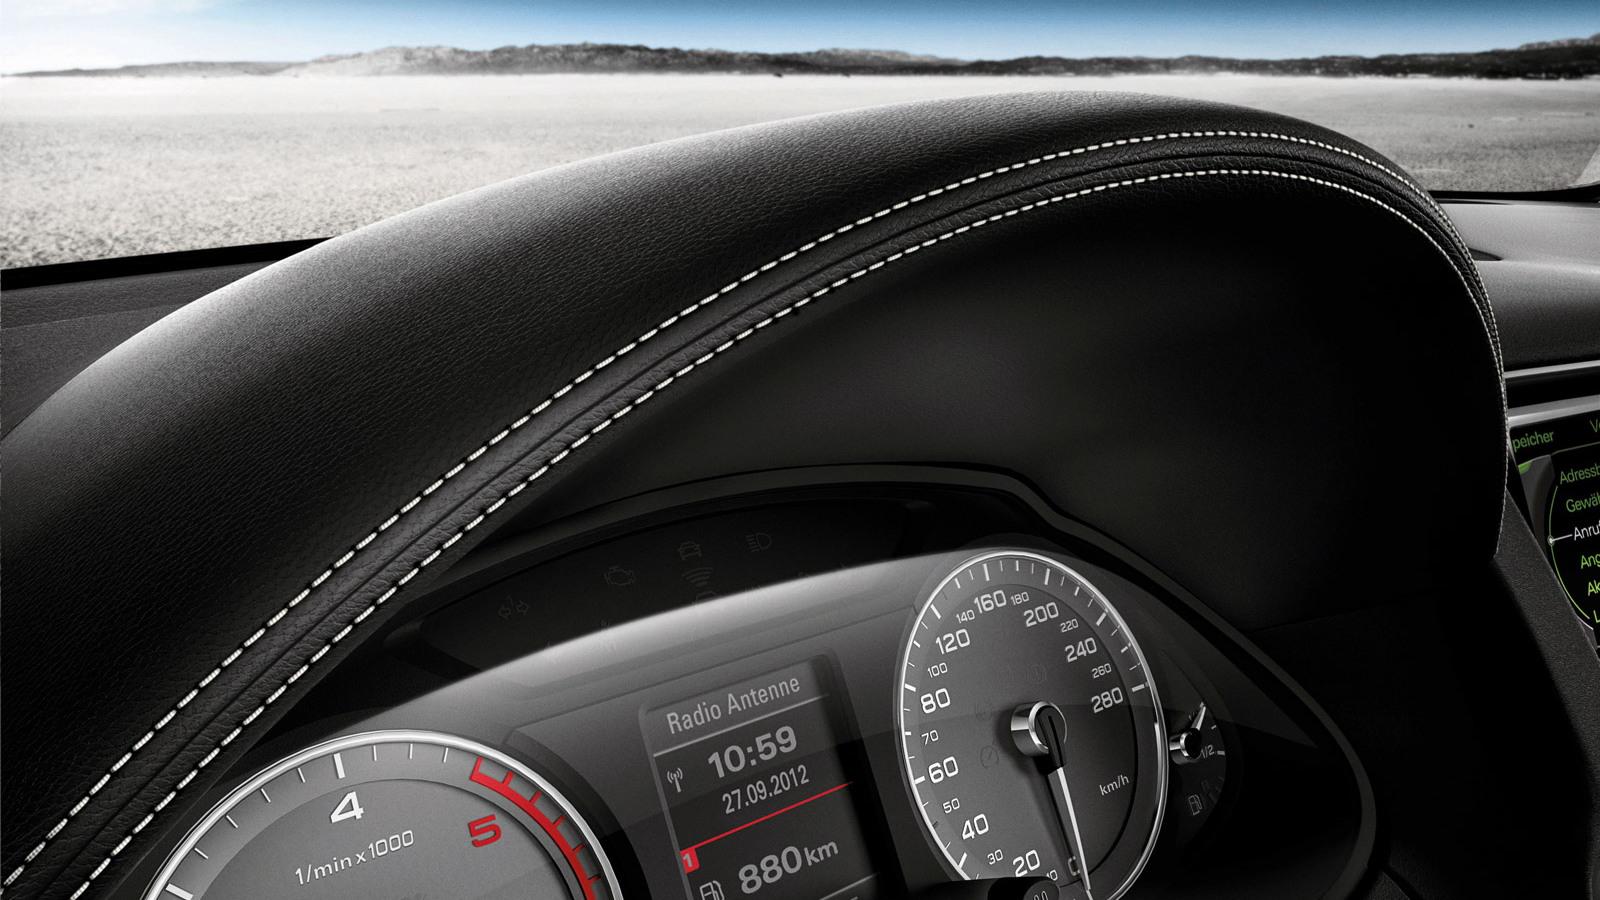 Audi SQ5 TDI Exclusive Concept, 2012 Paris Auto Show